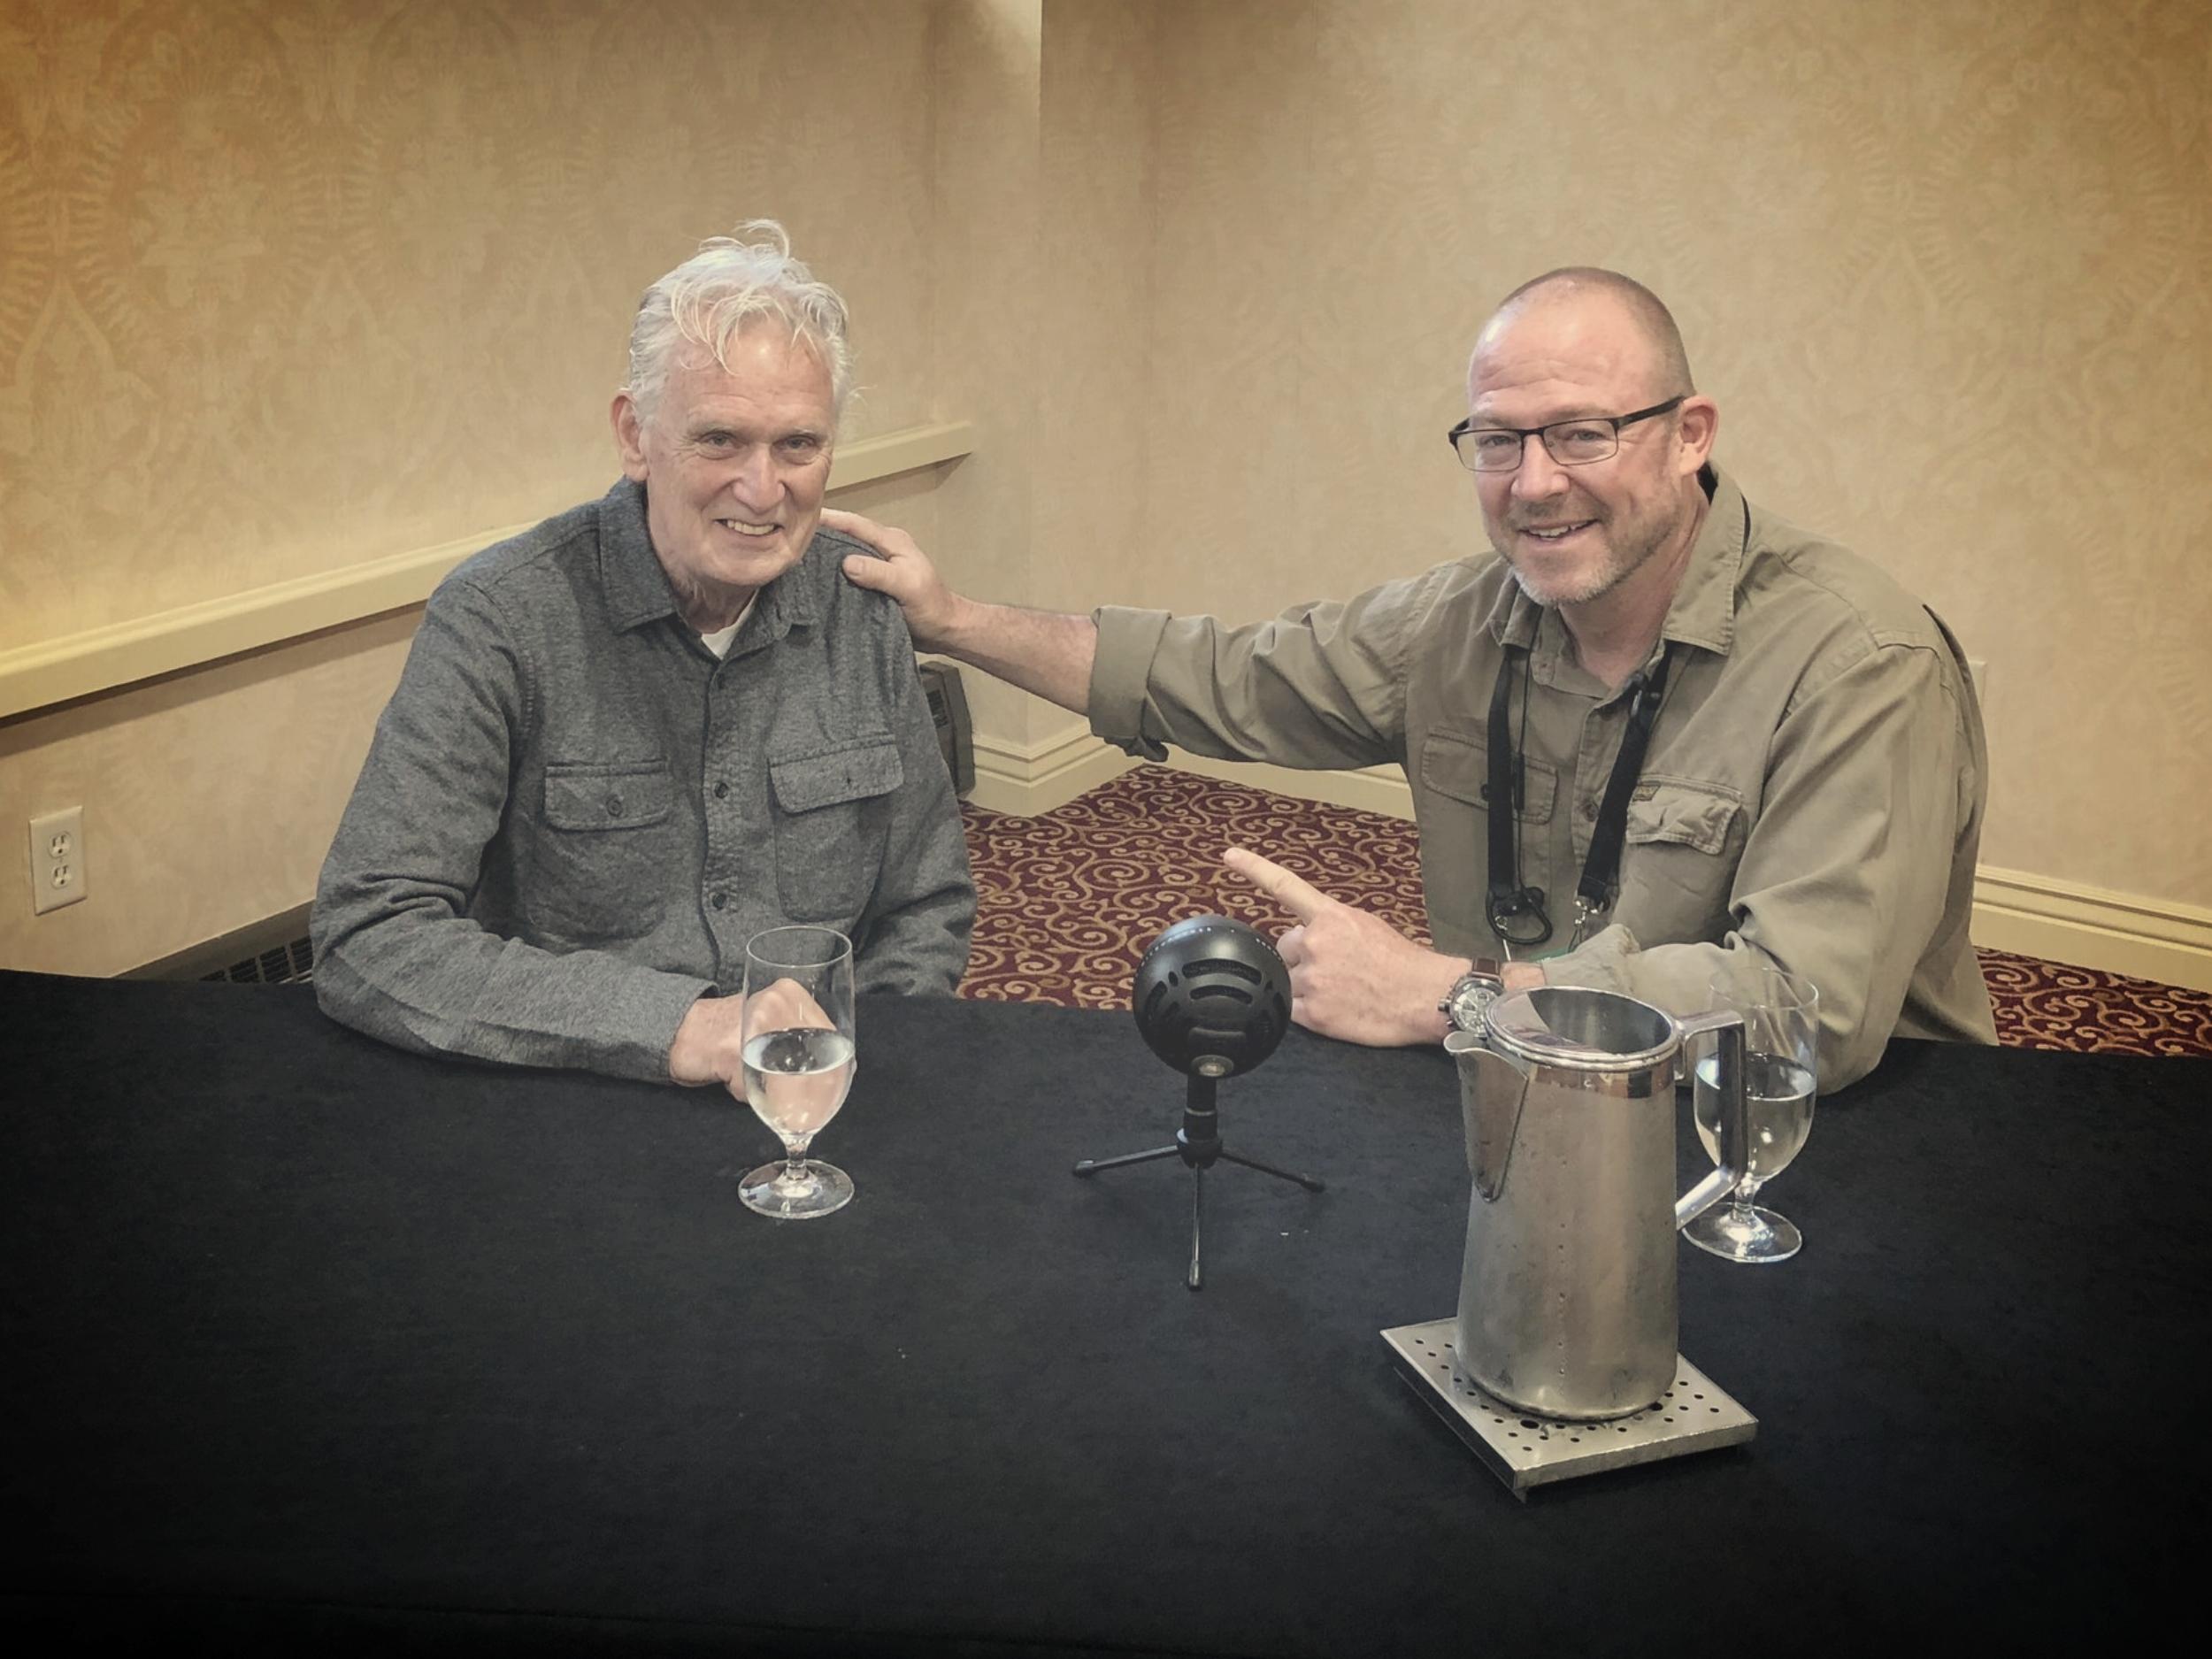 Gary T. Cole and Ryan Blake